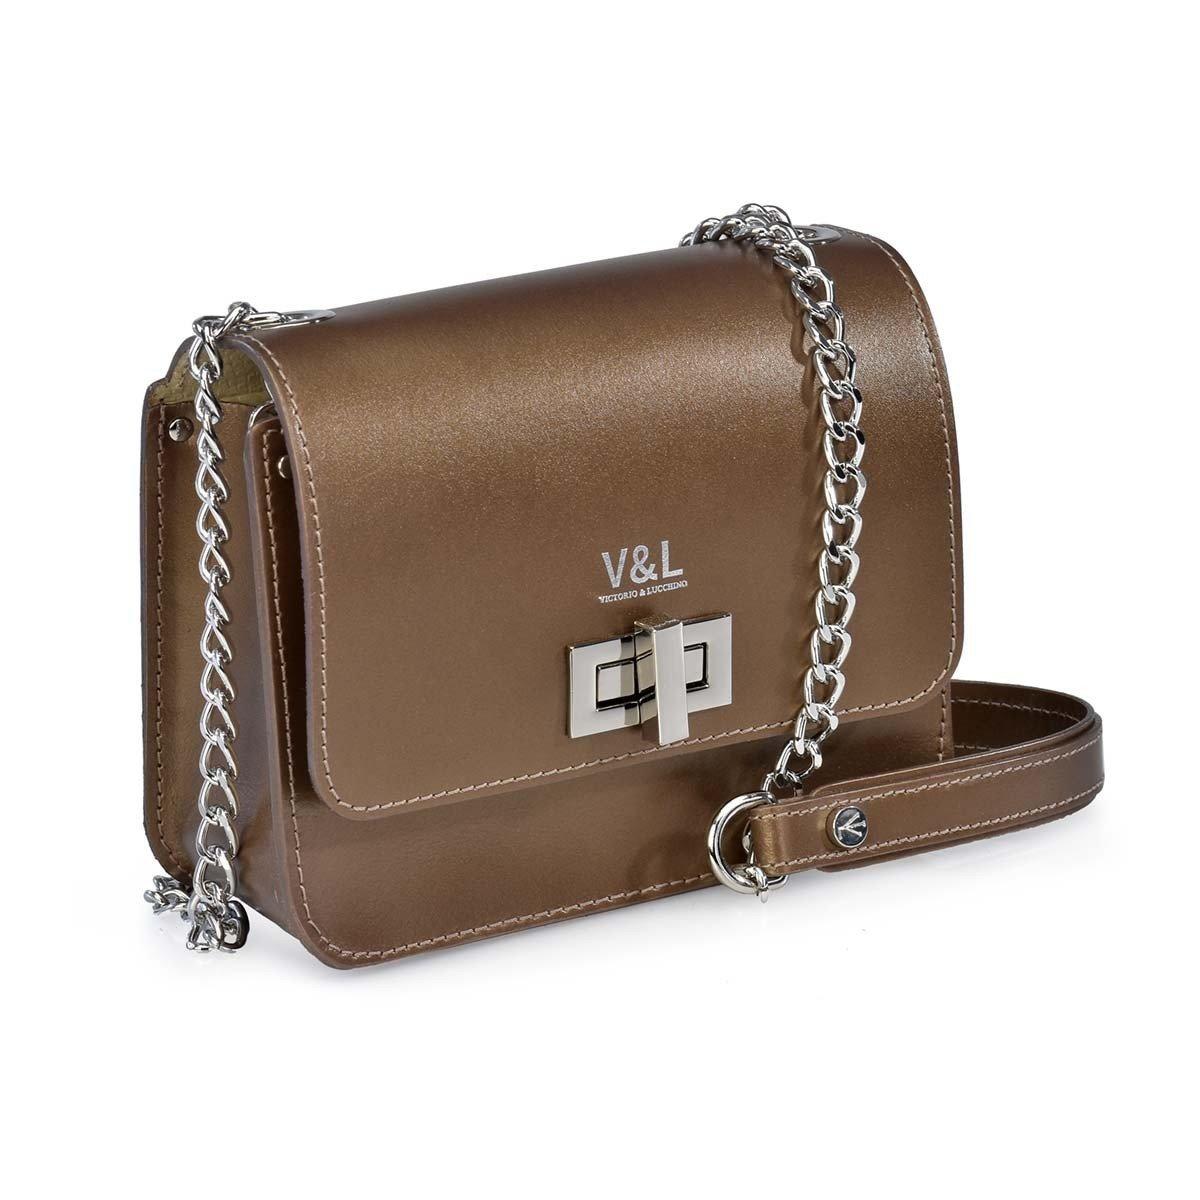 Victorio   Lucchino Bolso de Mujer con Bandolera de Cadena 10320 Metalico  (Color  Antracita)  Amazon.es  Zapatos y complementos 7debc5e3374